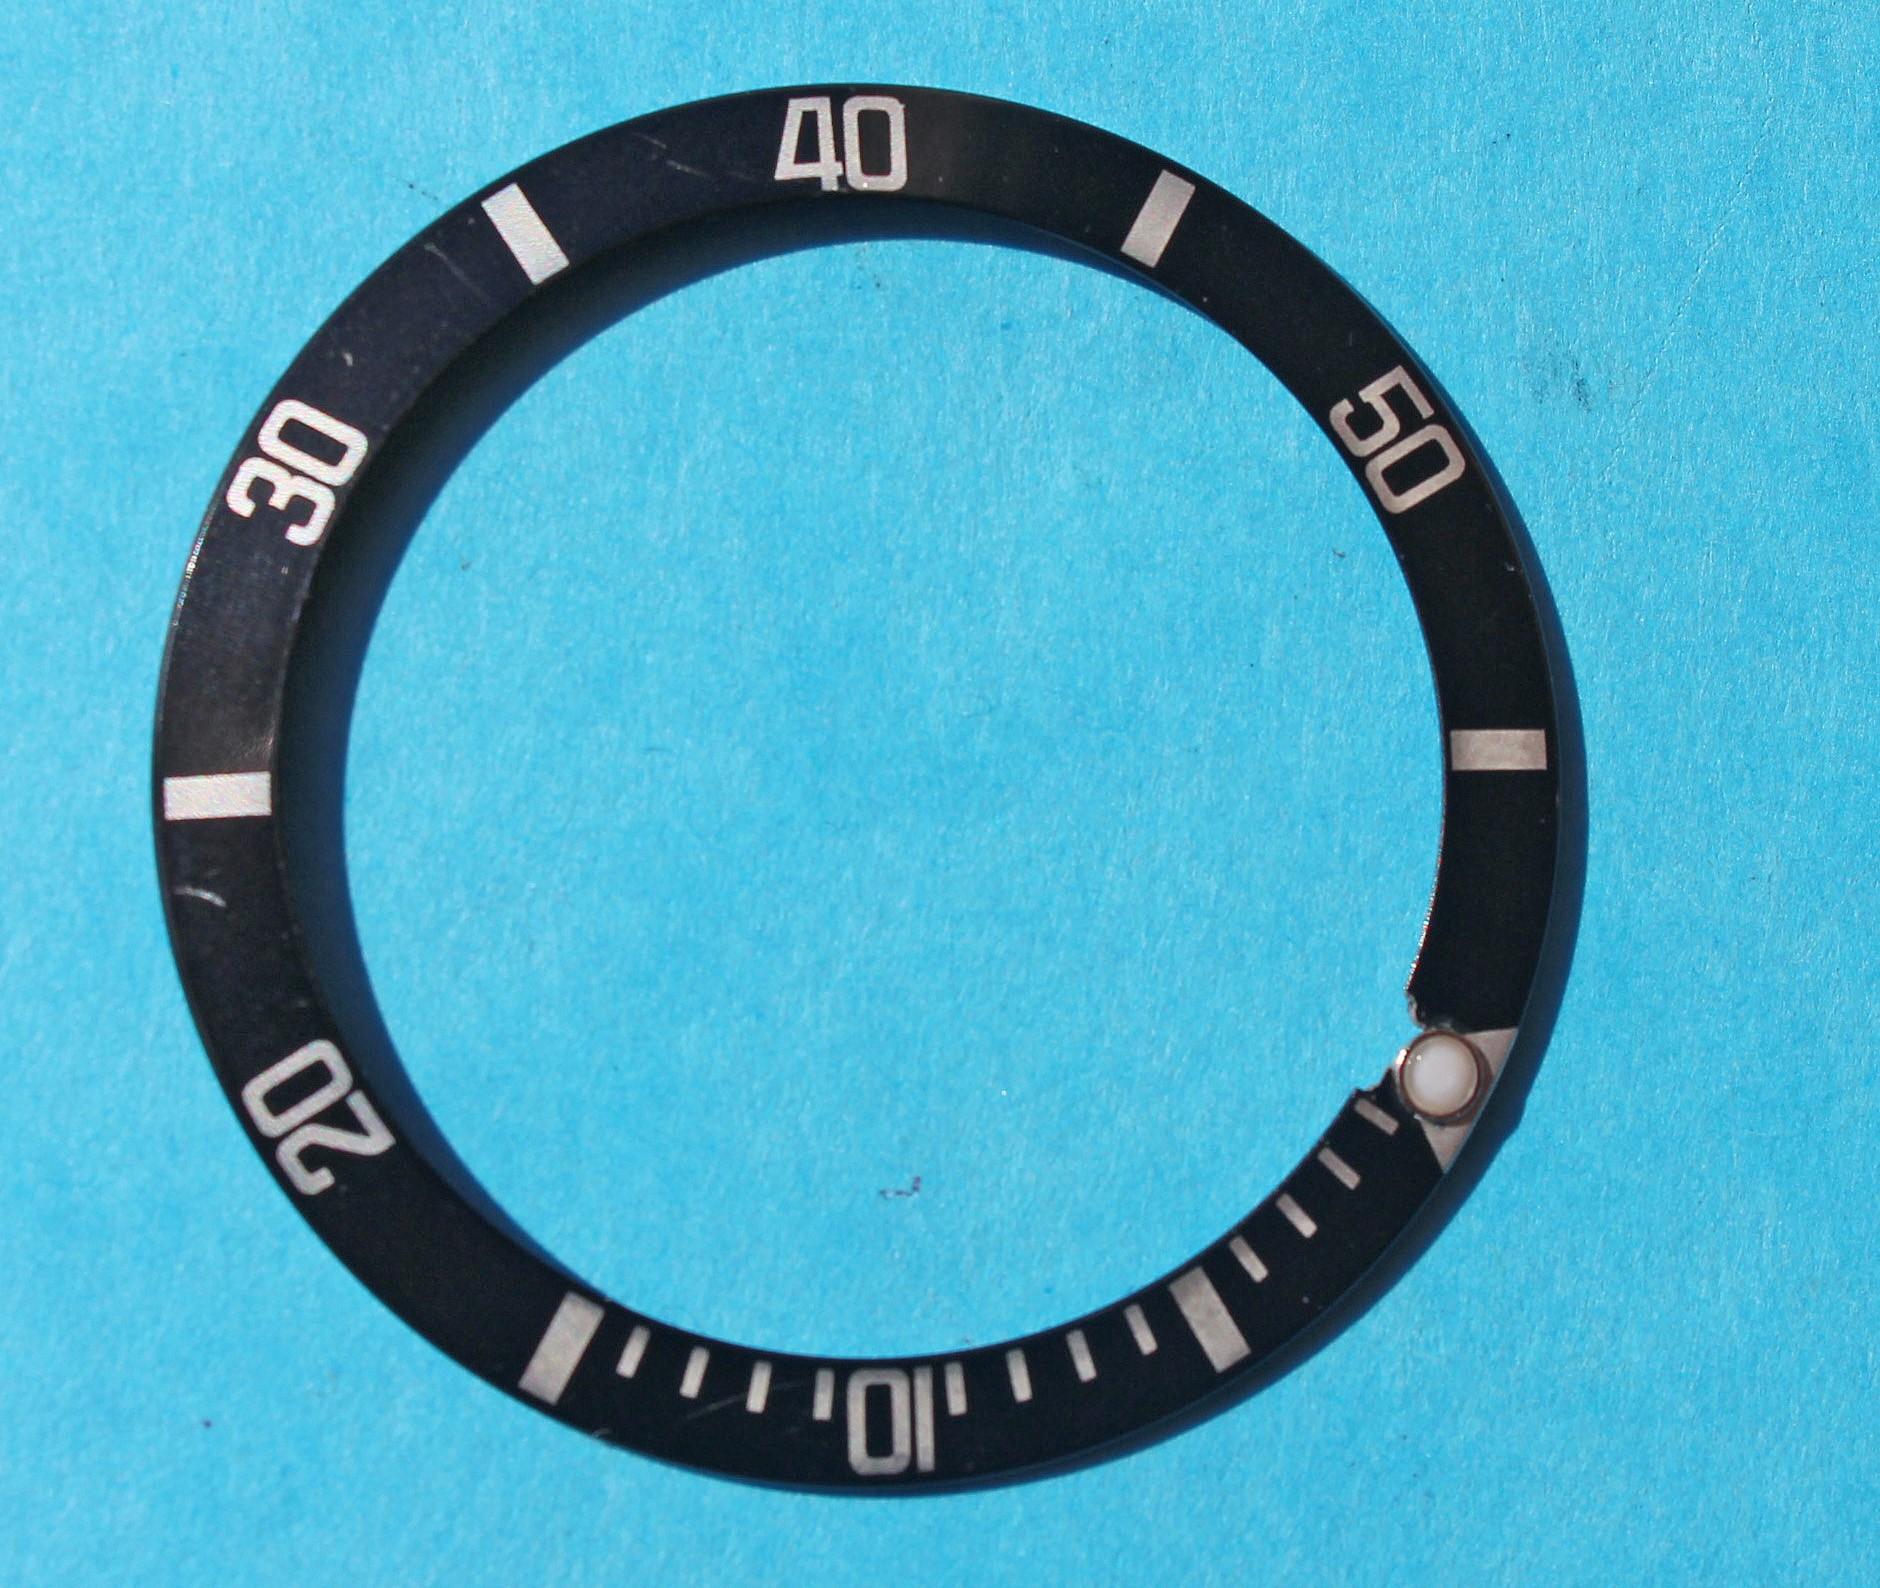 RARE VINTAGE ROLEX INSERT BLEU FADED MONTRES 16800, 16800, 16610 SUBMARINER DATE & PERLE TRITIUM